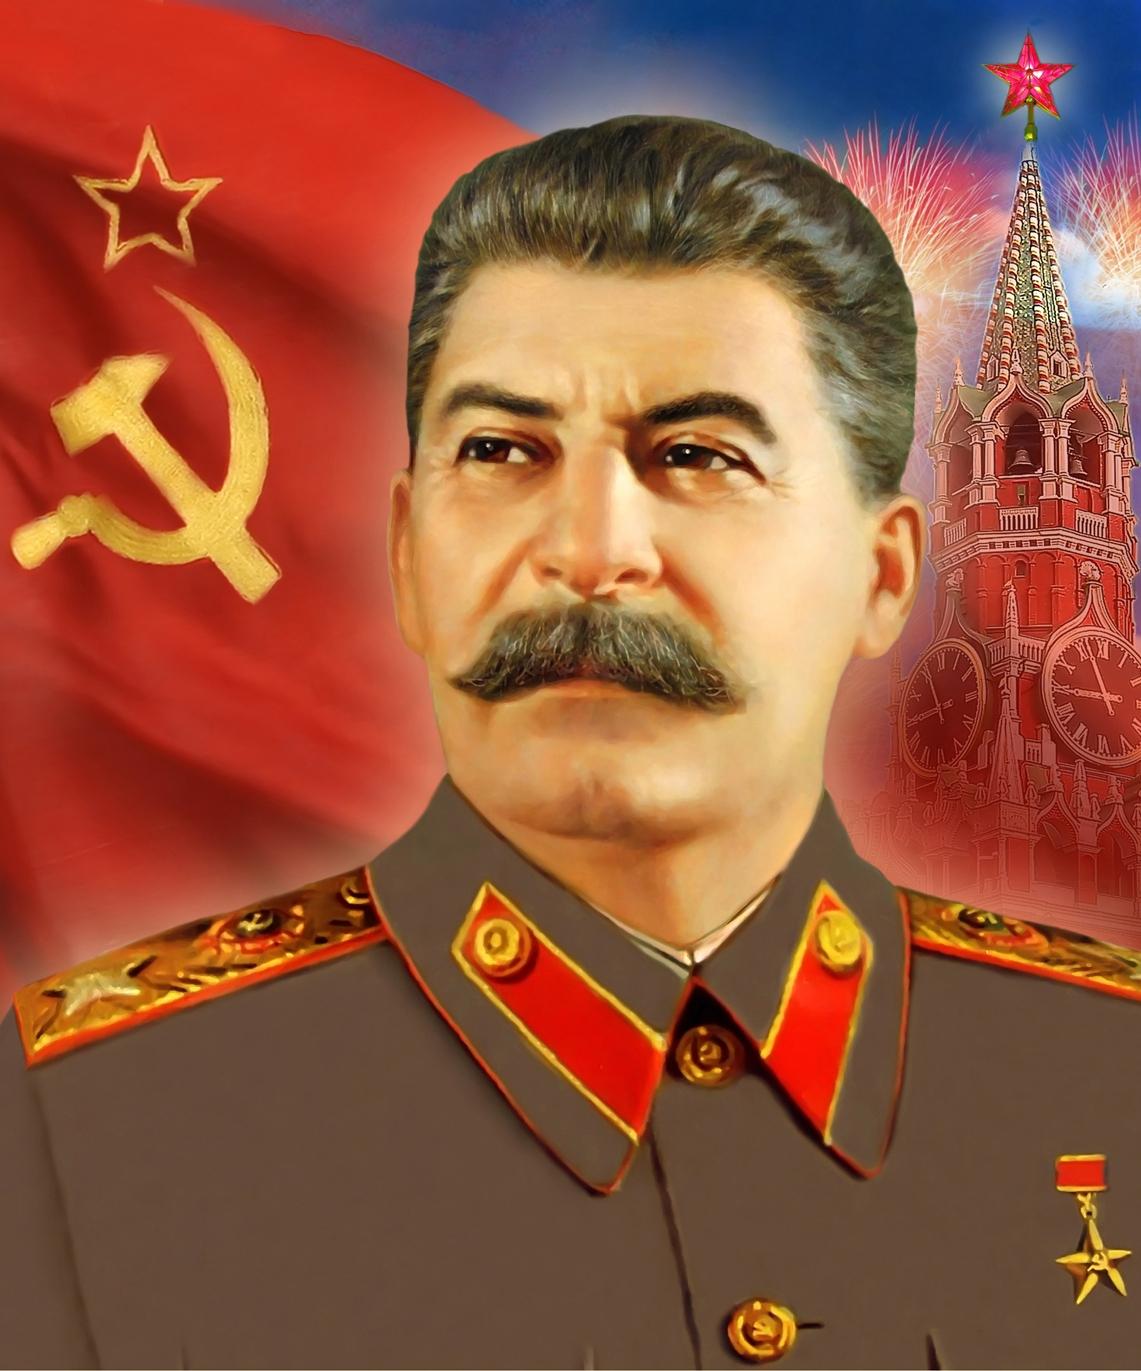 Обои рабочего стола кремль сталин путин